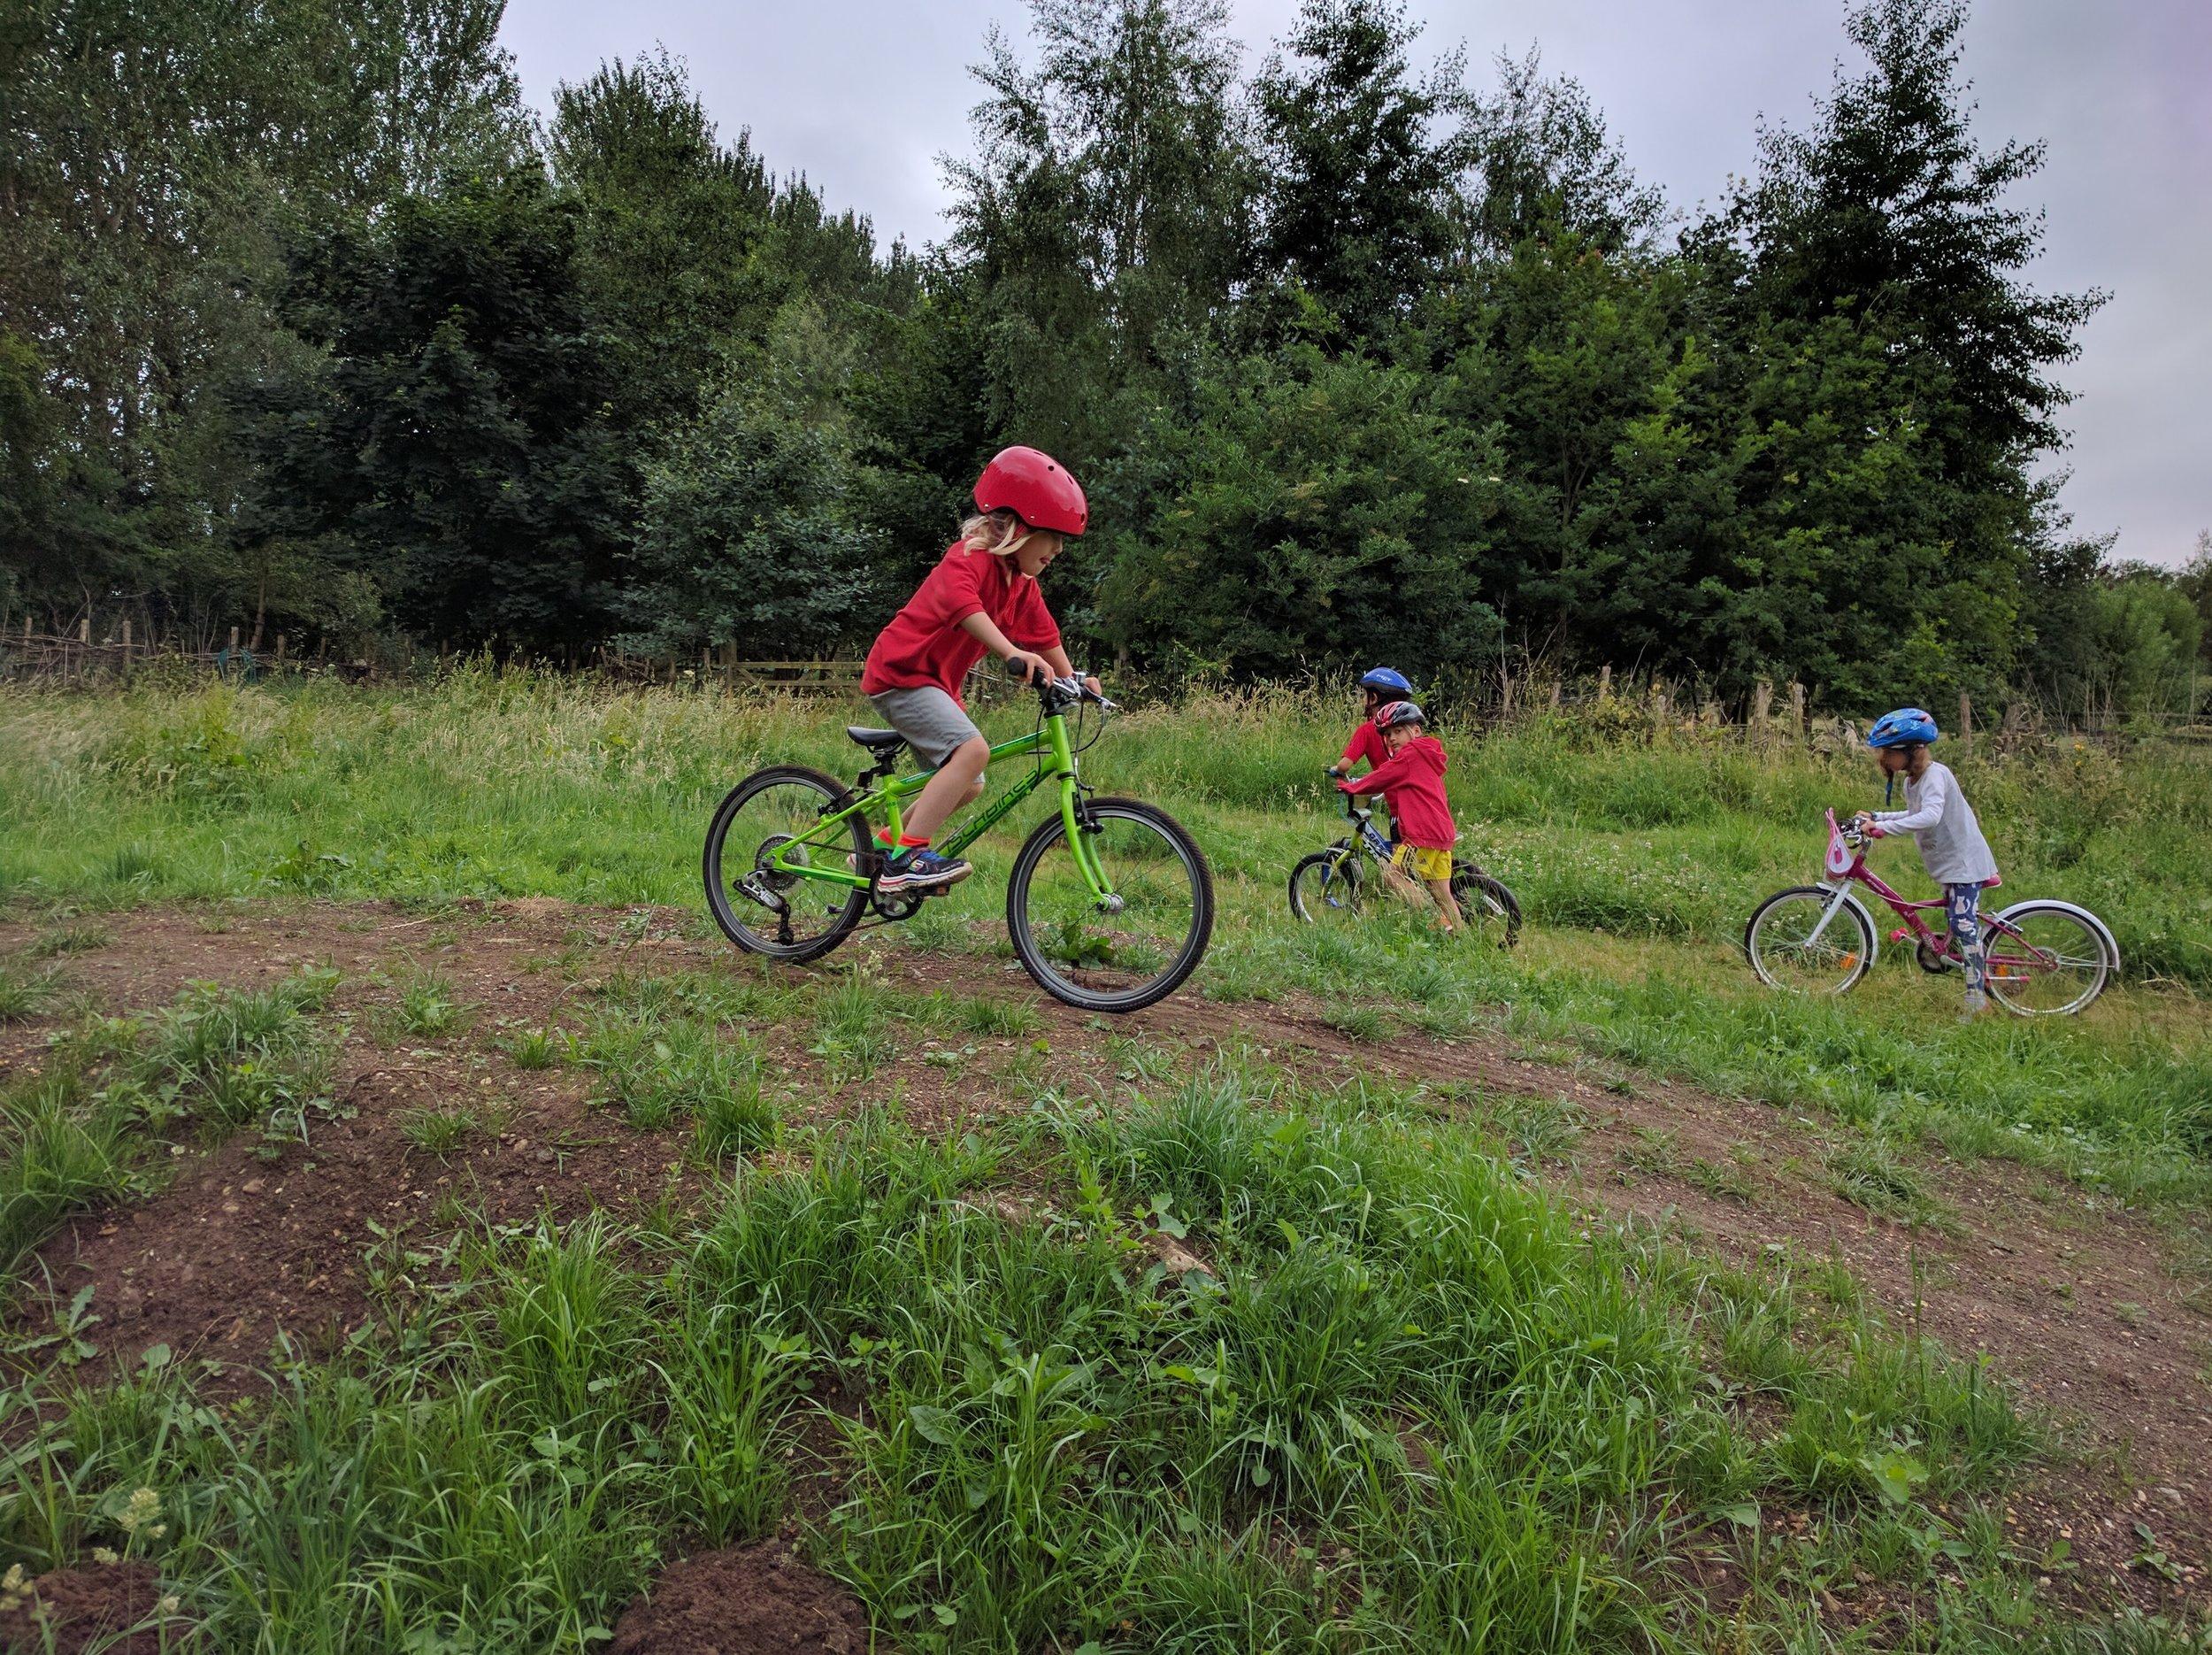 Bikes in the fields